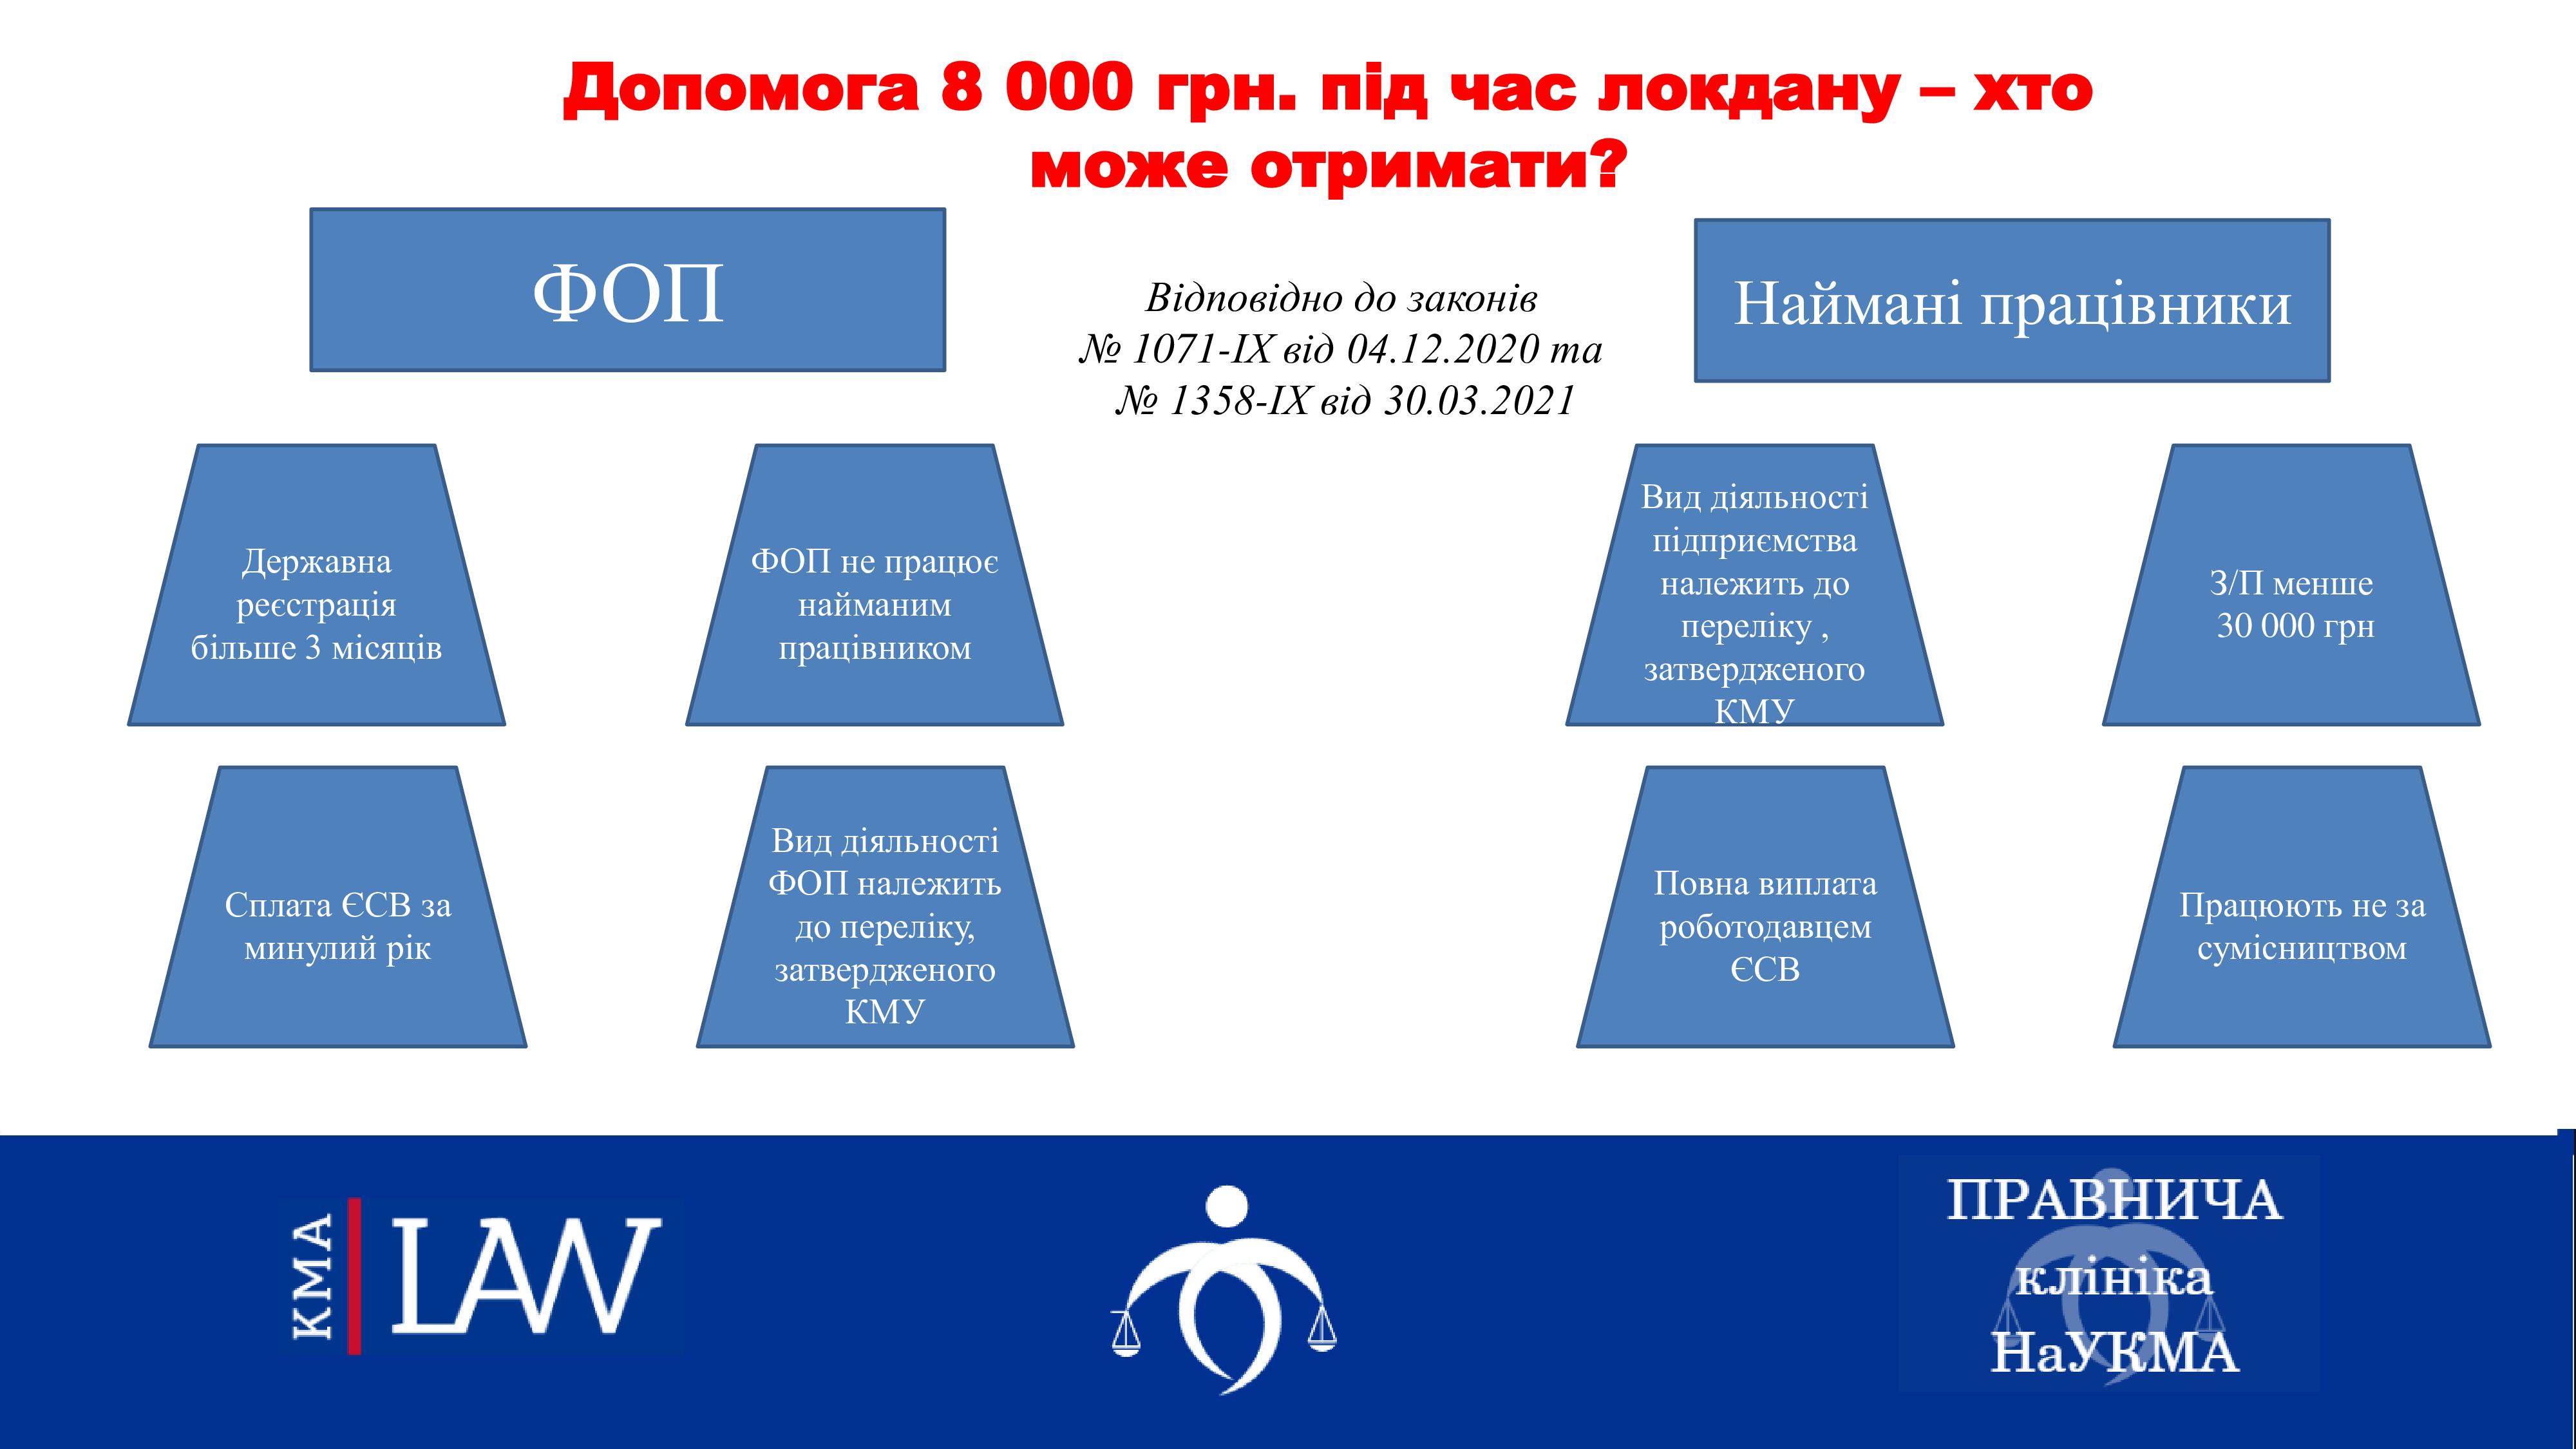 Допомога 8 000 грн. під час локдауну – хто може отримати?